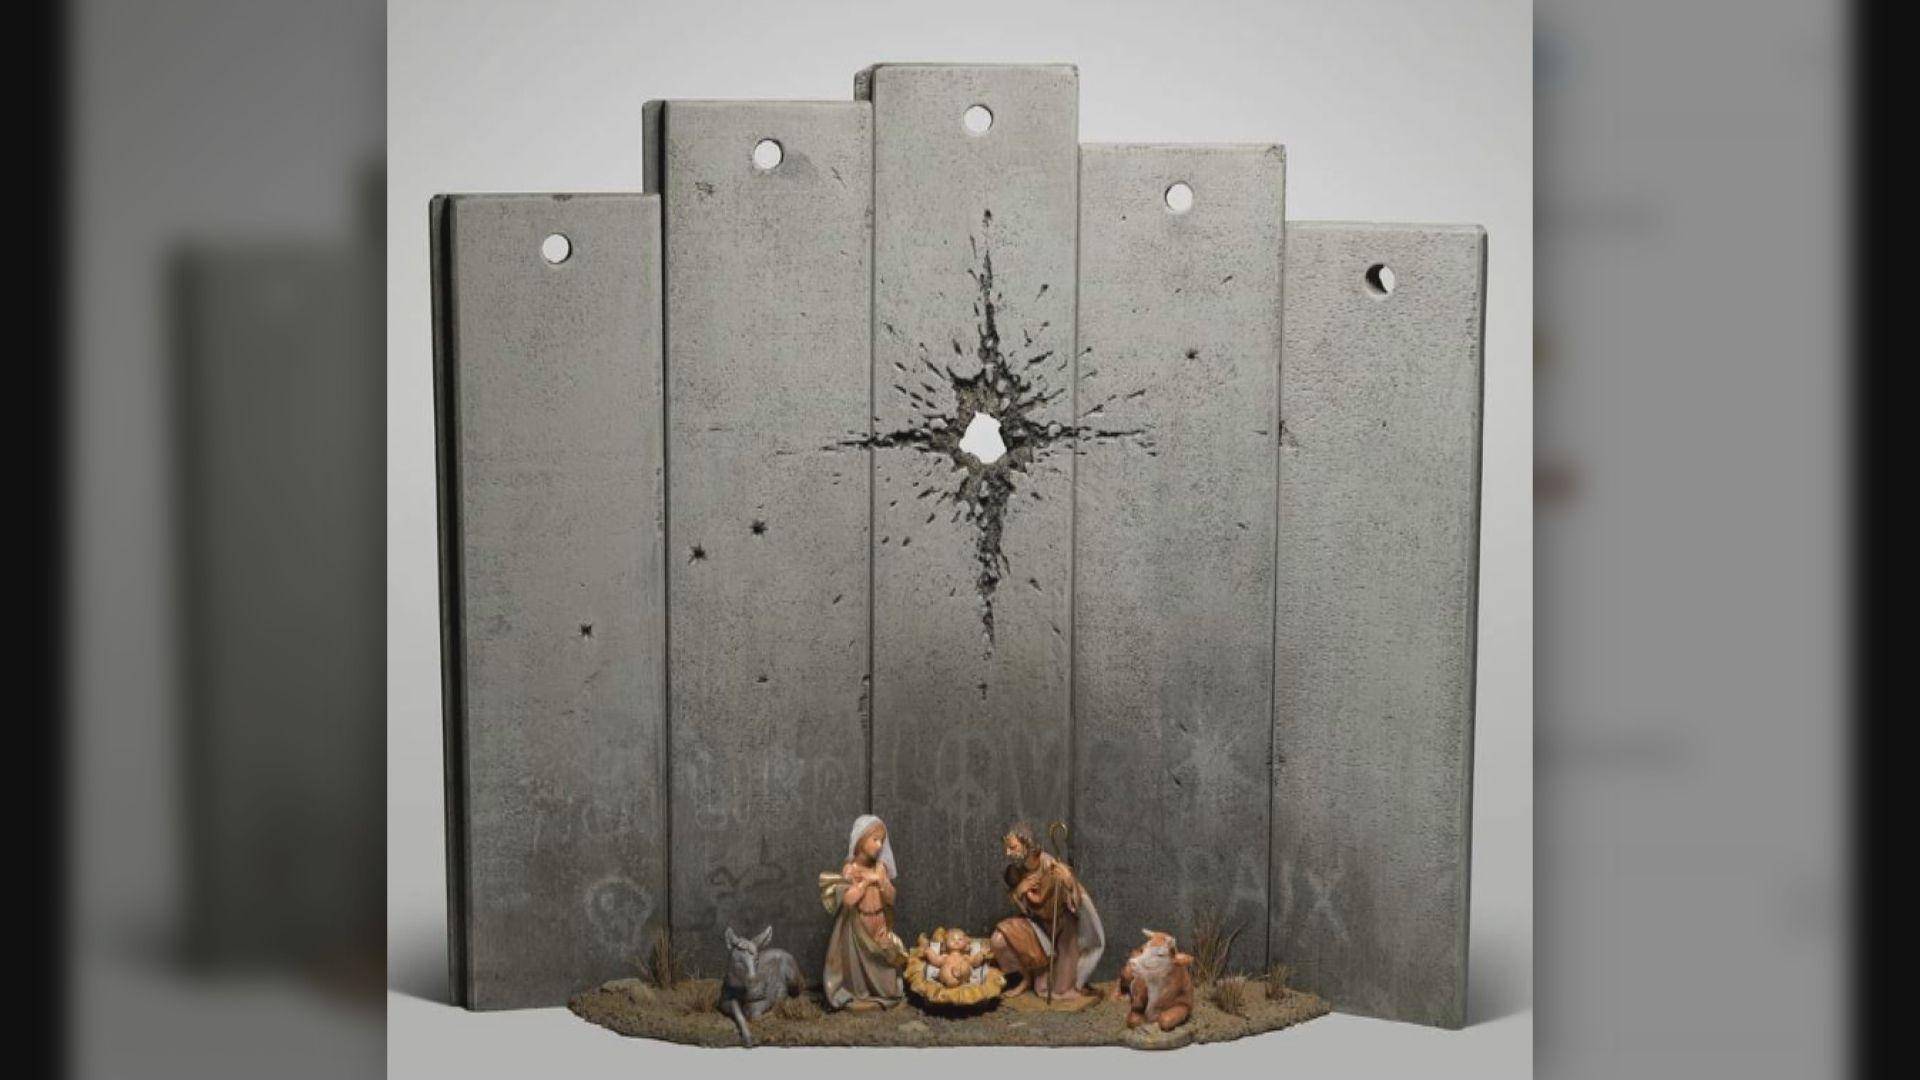 塗鴉藝術家Banksy新作名為「伯利恆之傷痕」